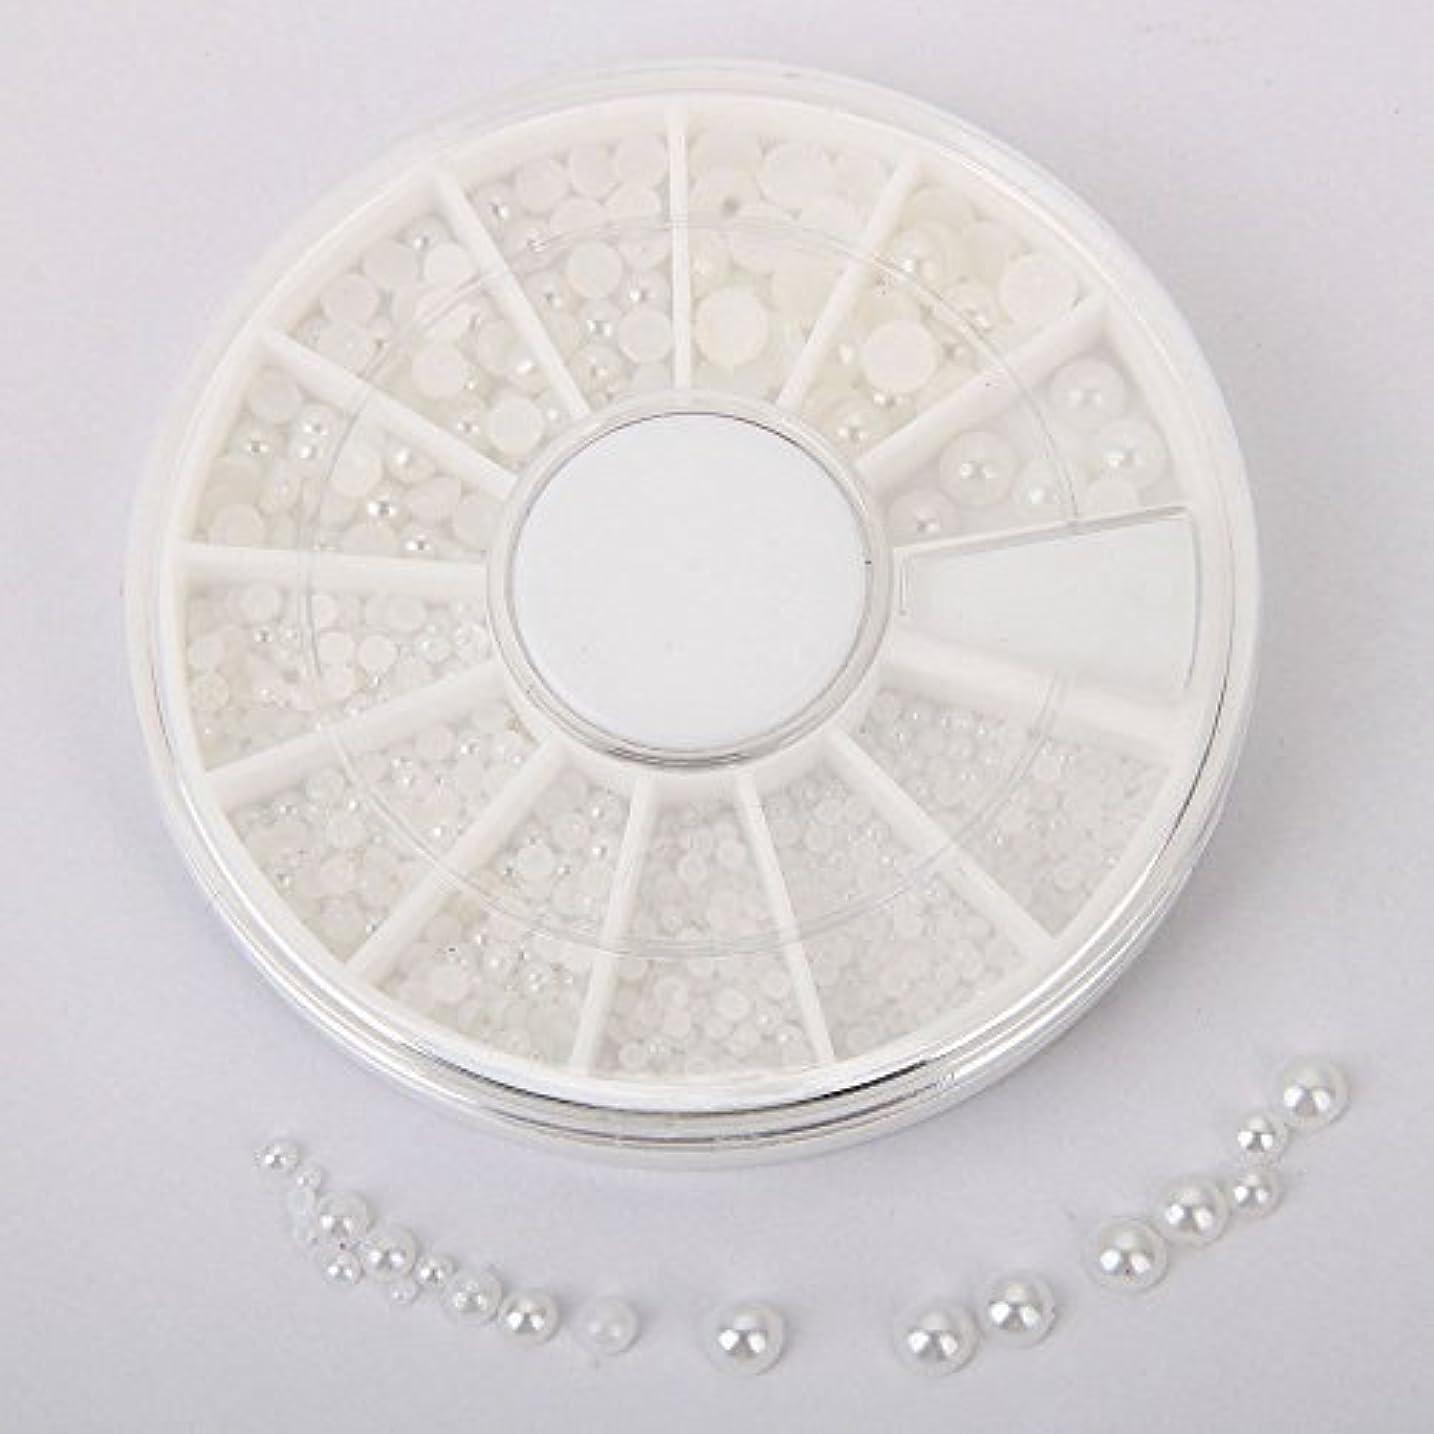 残り物運営雄弁シンディー ネイルアートパーツ 半円パール(ホワイト) マニキュアデコ用パール 1.5mm,2mm,3mm,4mm ラウンドケース入 3Dデコレーション(01)